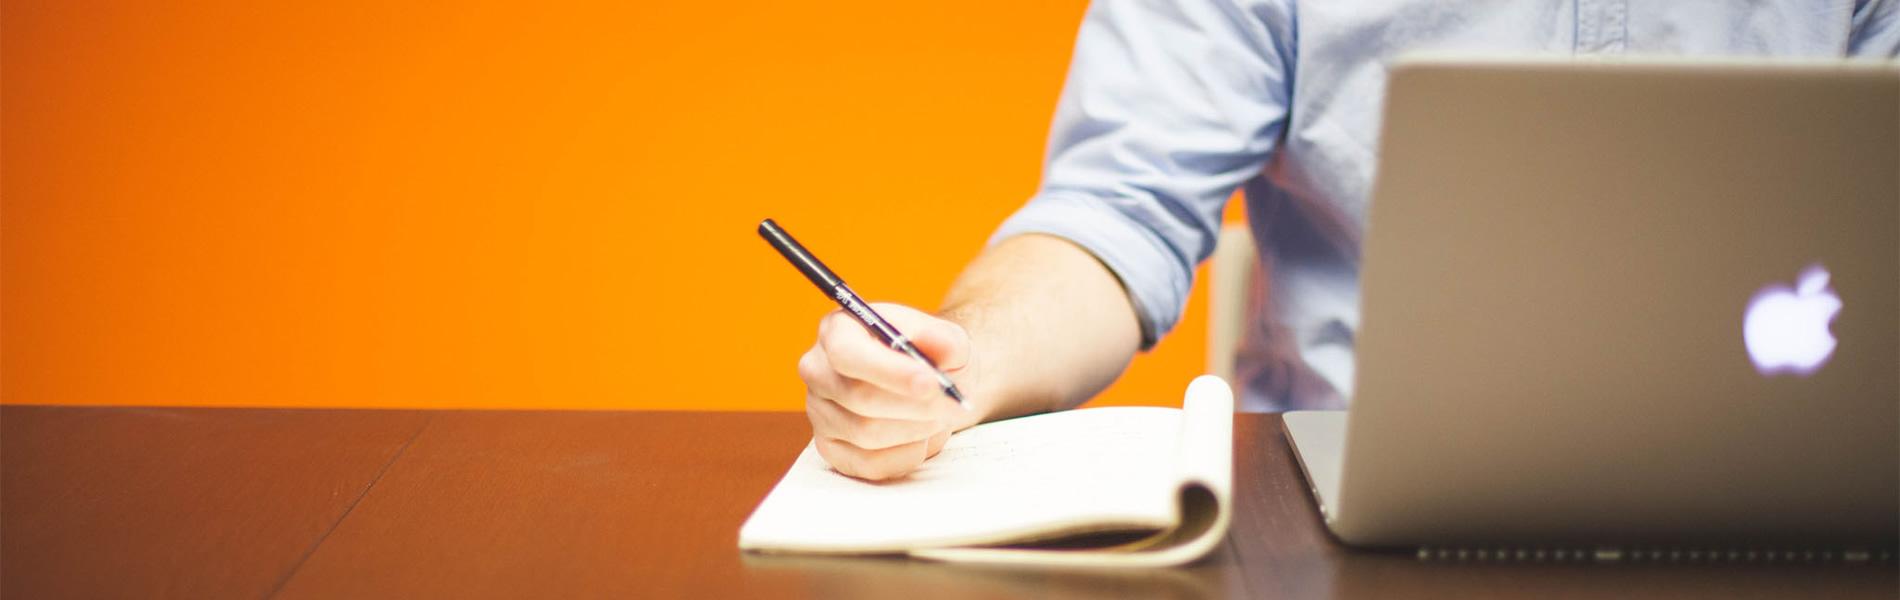 Táctica Digital - Agencia de Marketing Online